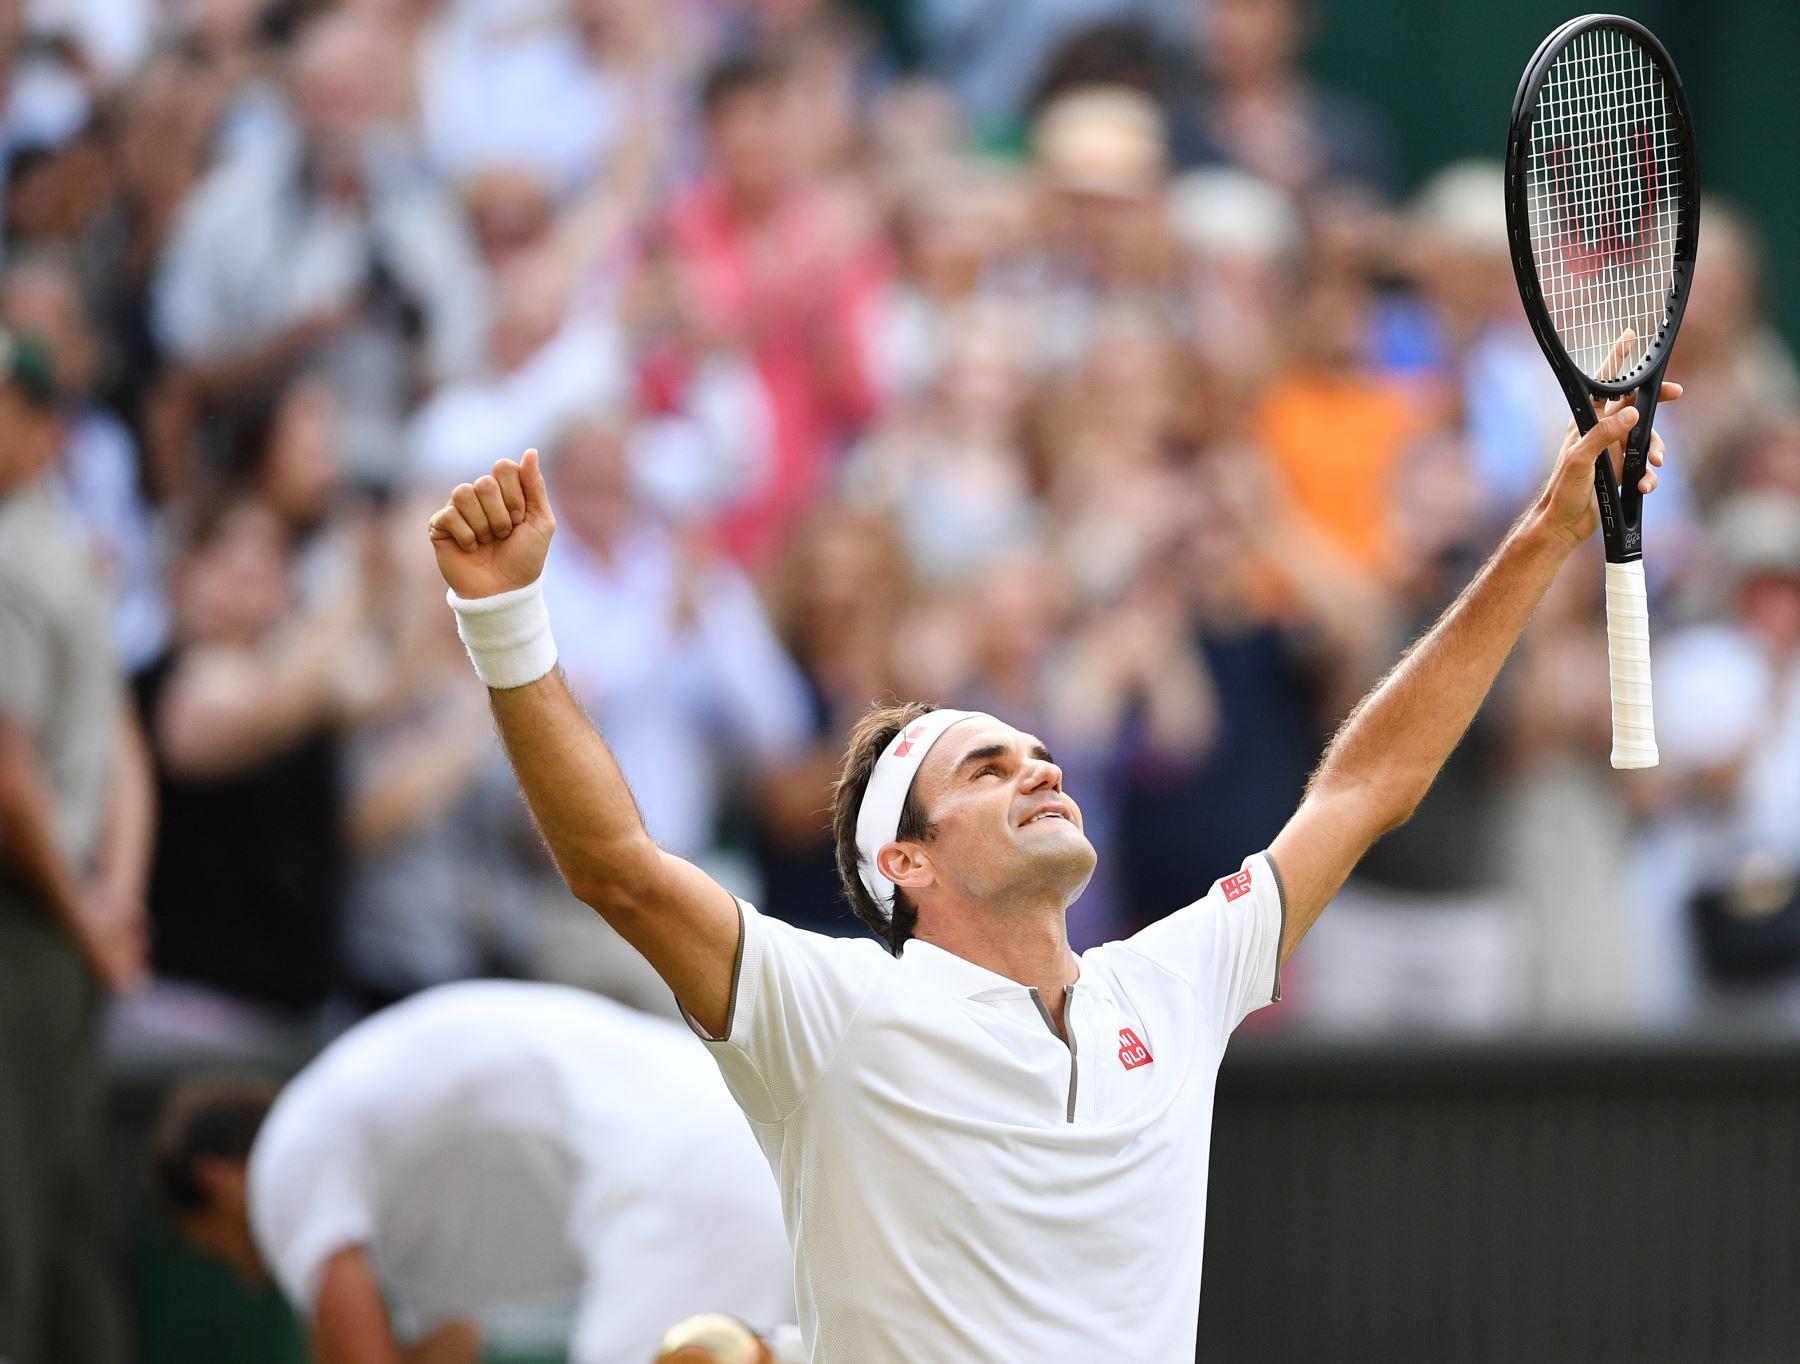 El suizo Roger Federer celebra la derrota del español Rafael Nadal durante el partido de semifinales de solteros de sus hombres el día 11 del Campeonato de Wimbledon 2019 en el All England Lawn Tennis Club en Wimbledon, suroeste de Londres.Foto: AFP